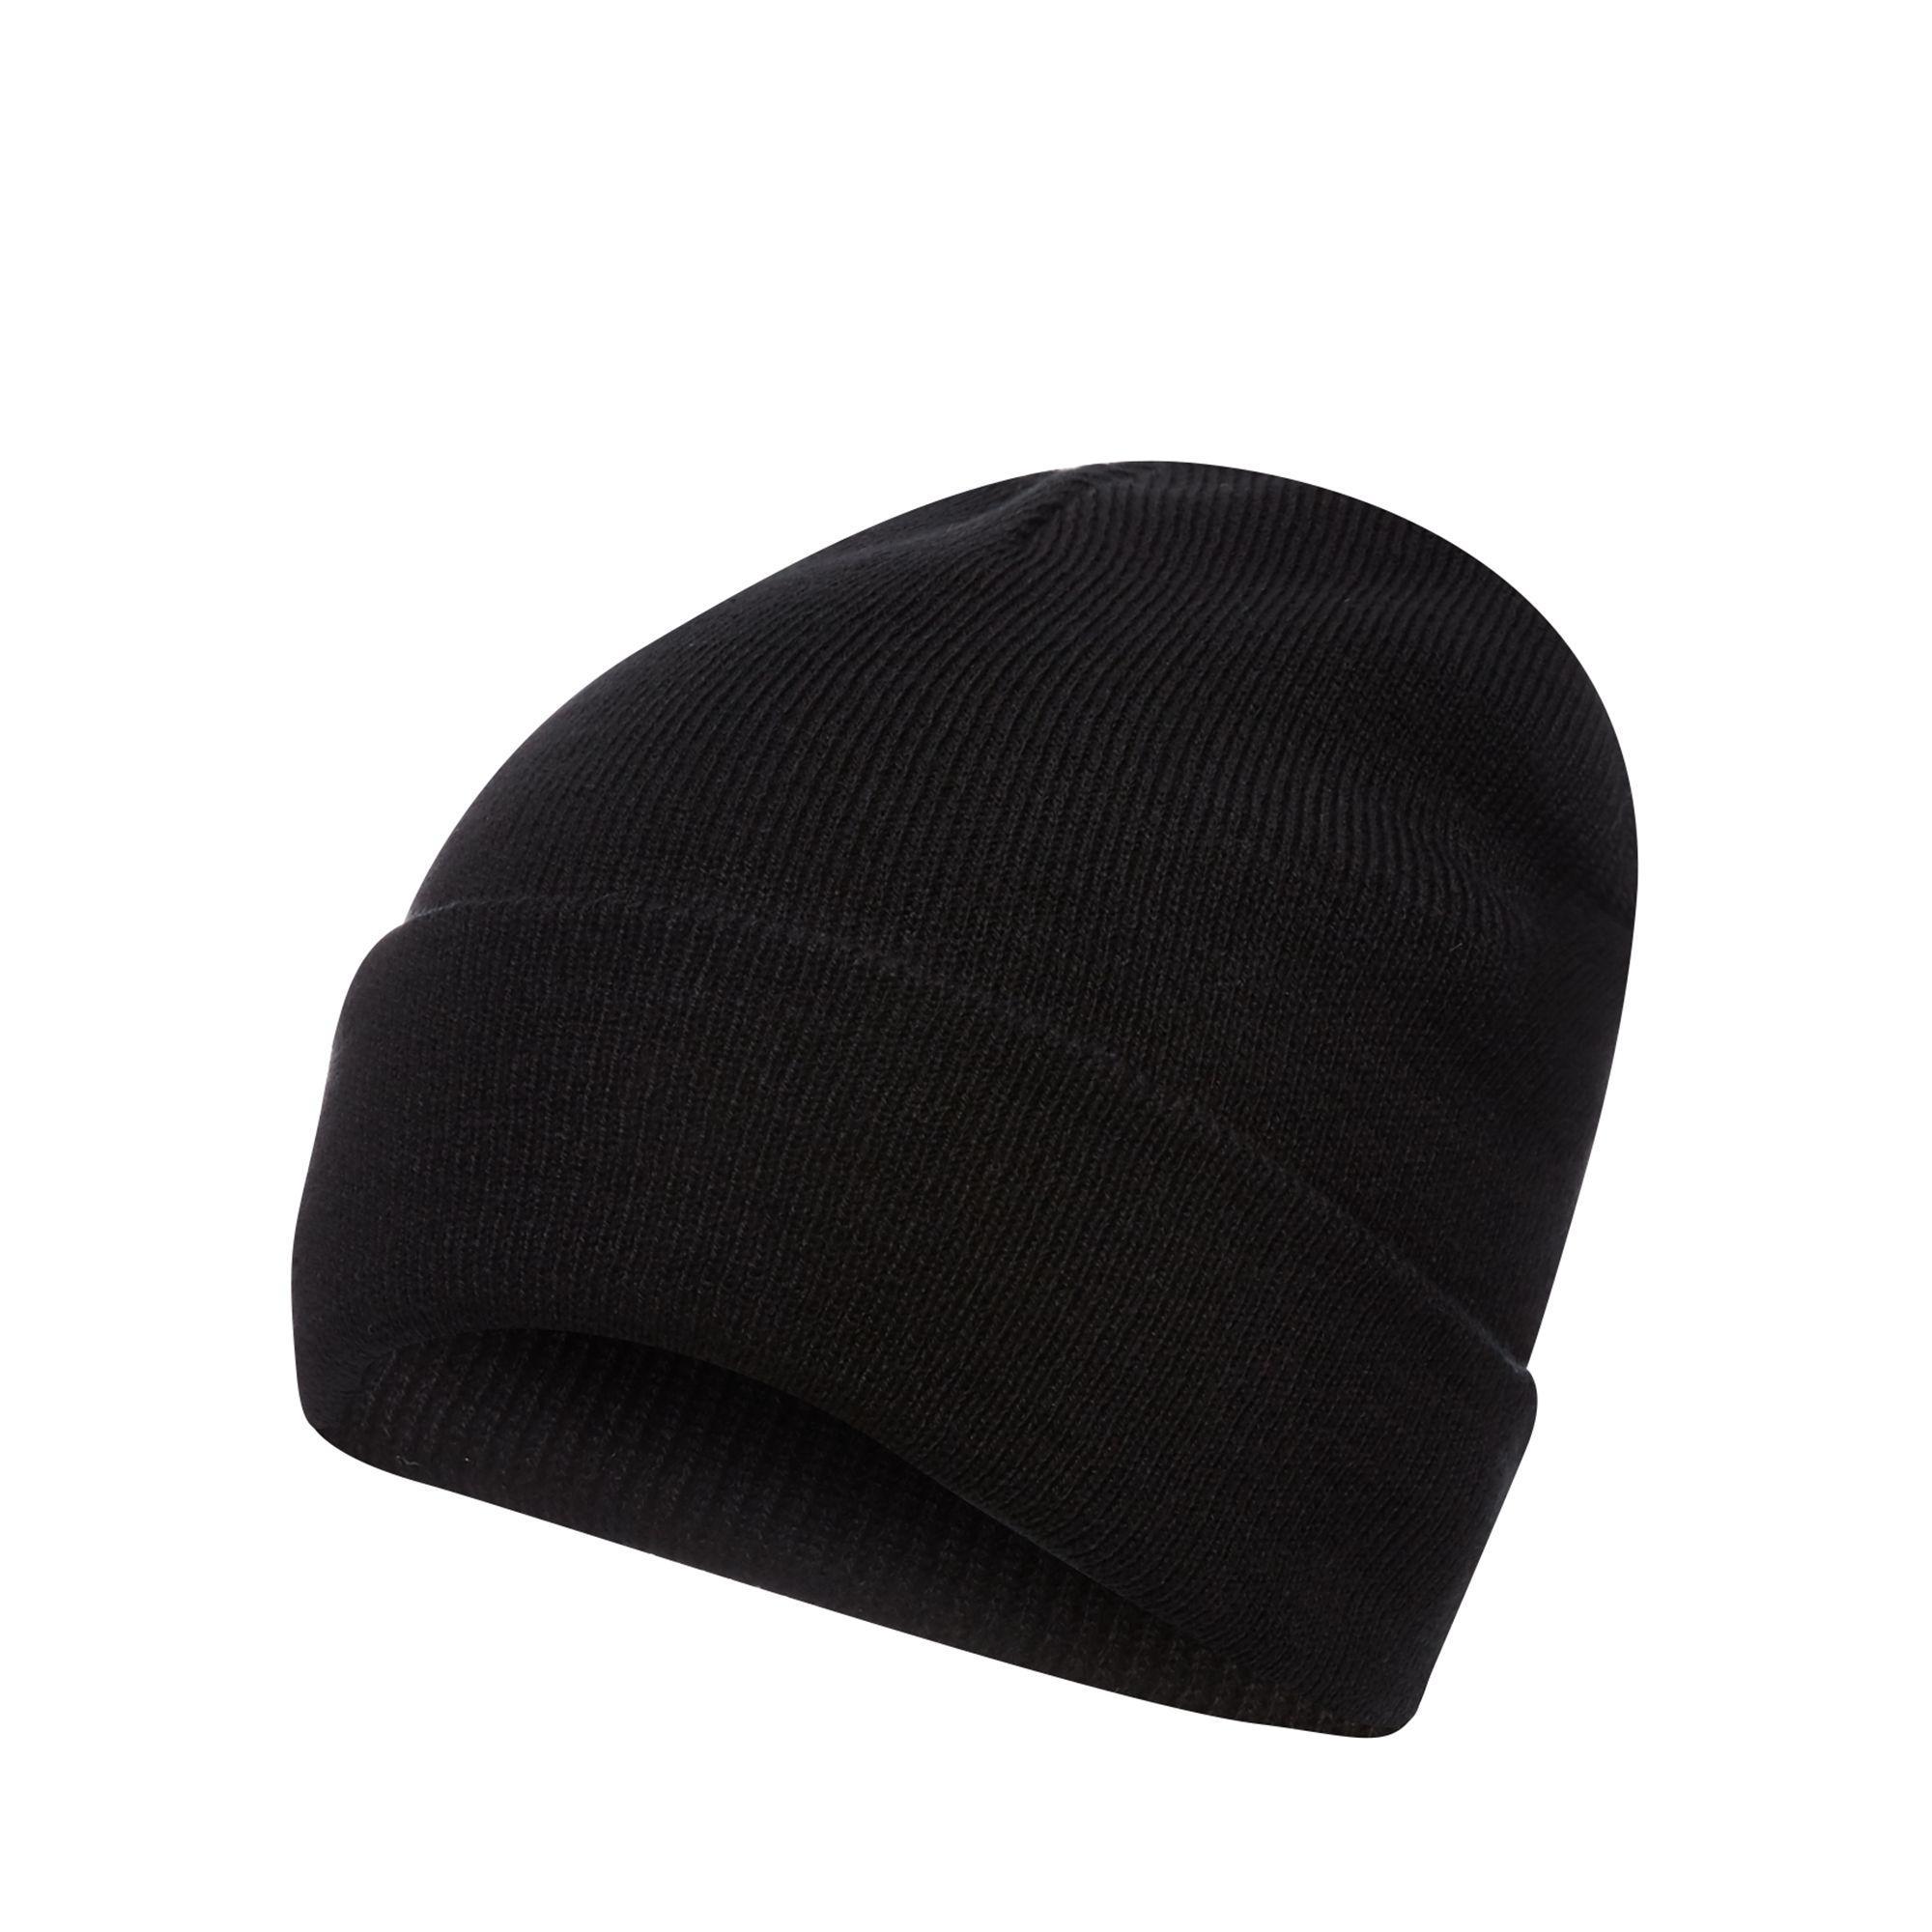 68c76a19560 Red Herring Black Plain Beanie Hat in Black for Men - Lyst